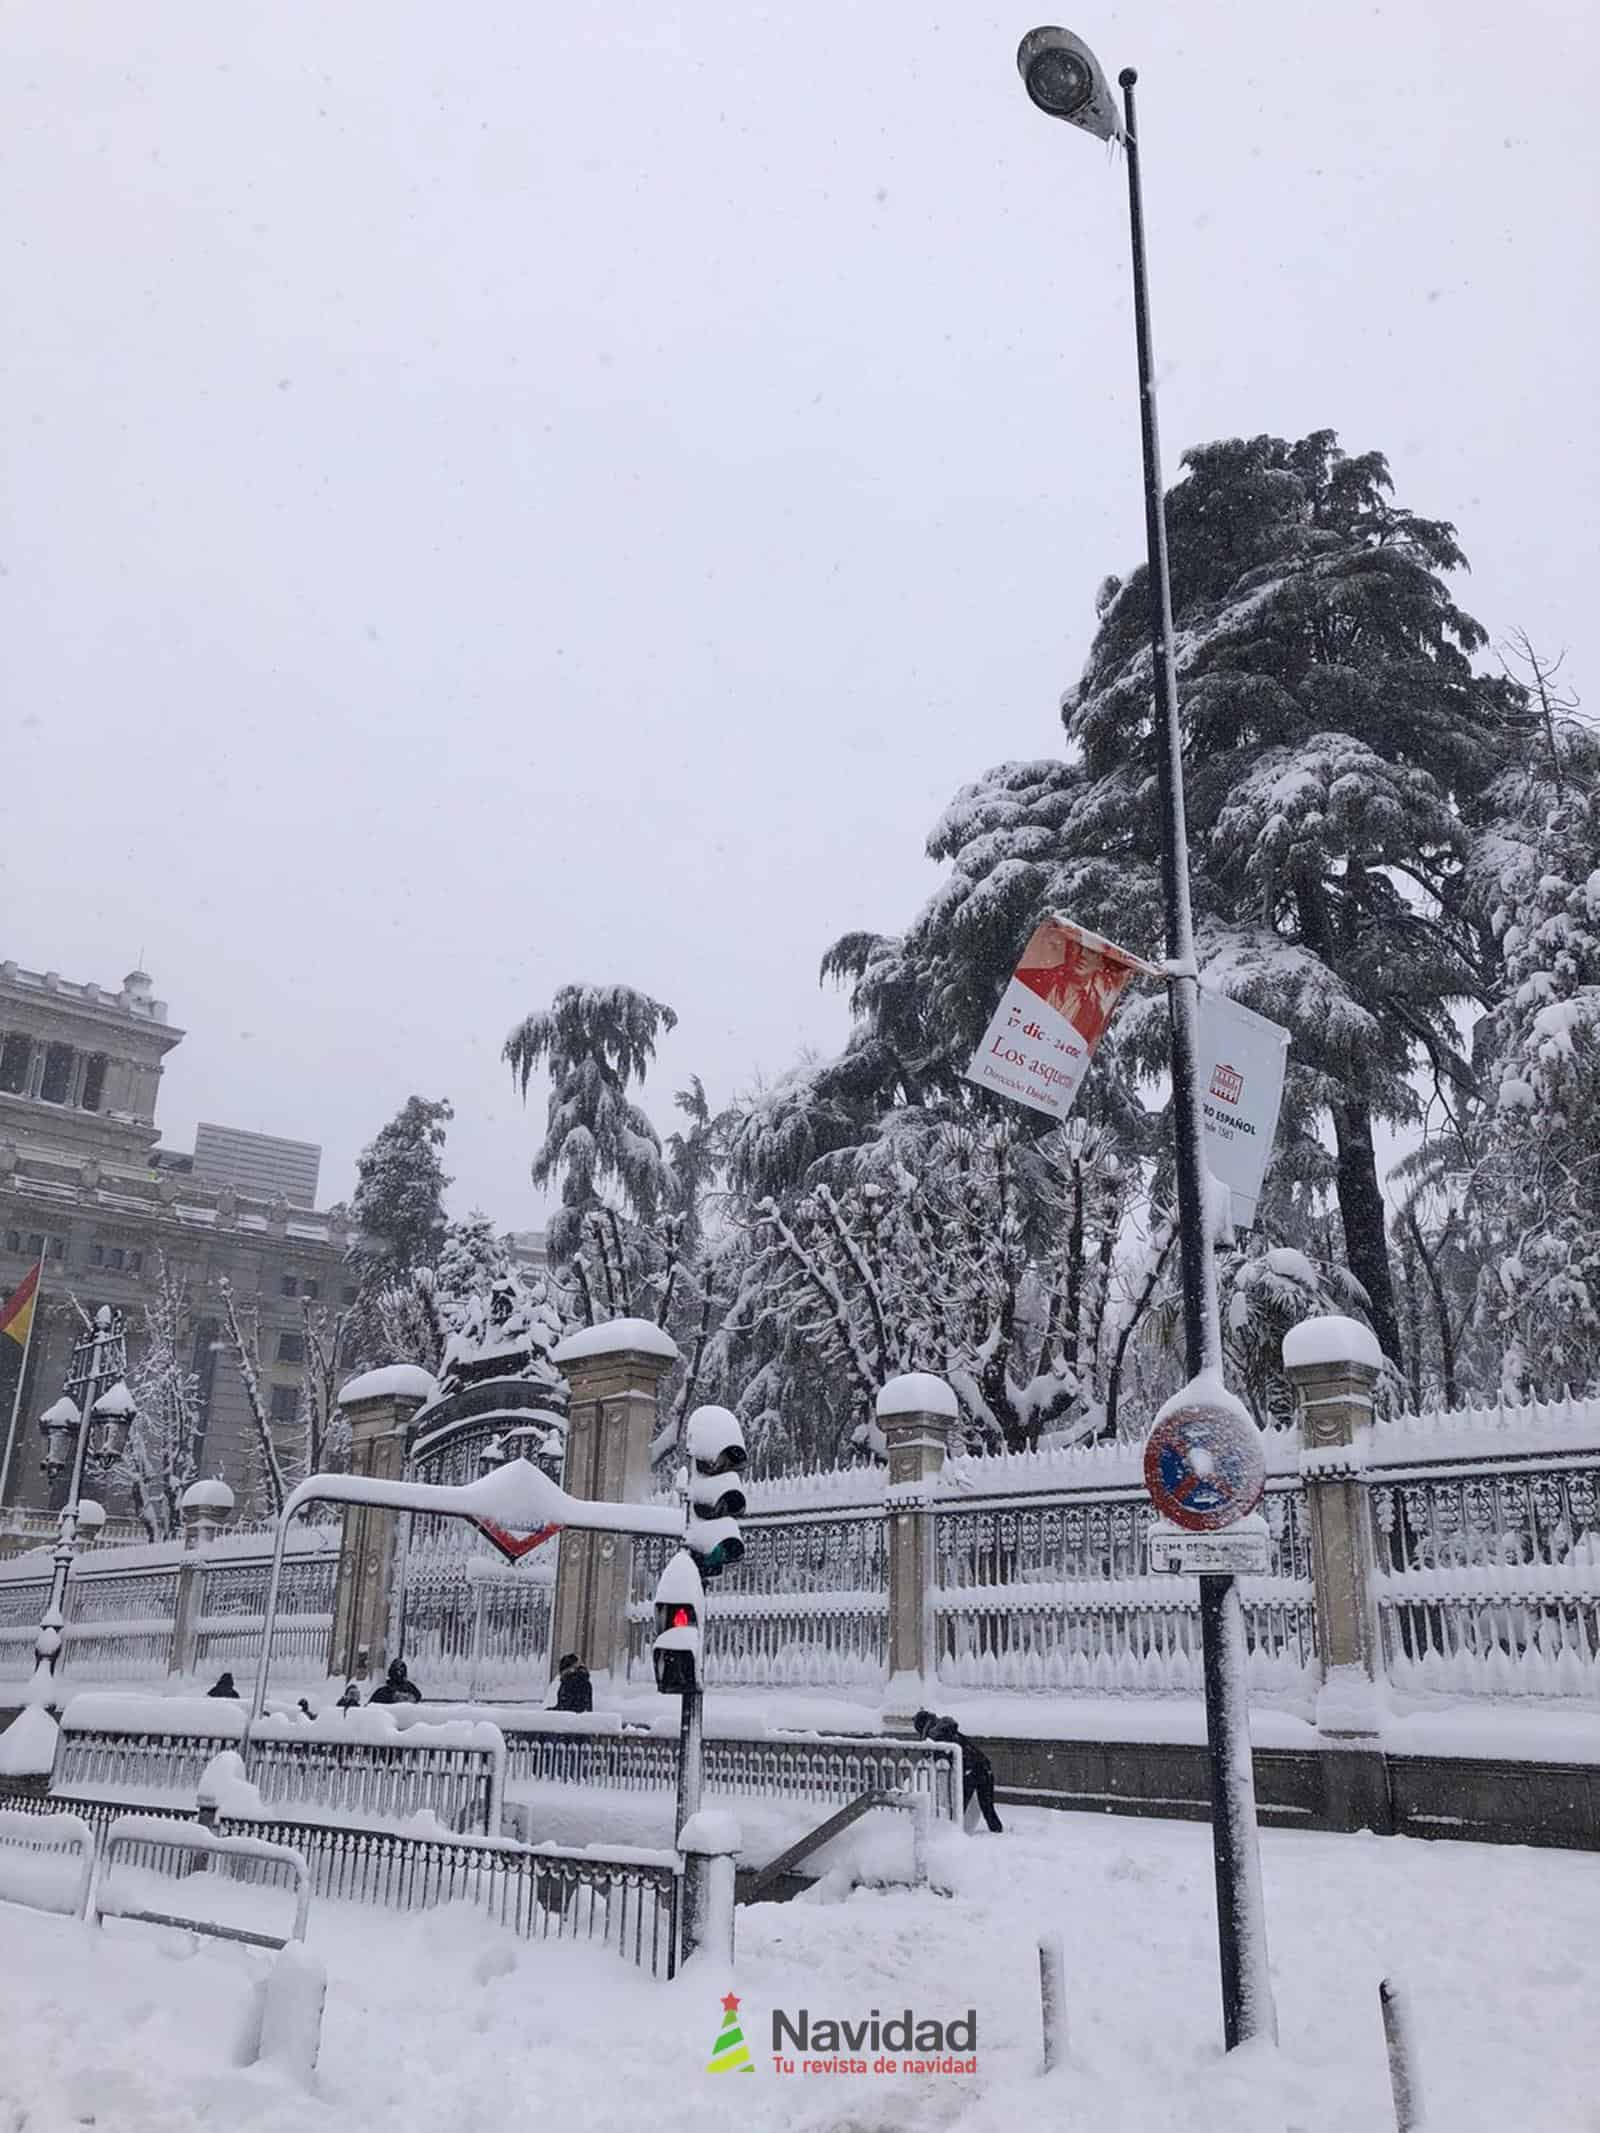 Fotografías de la nevada de enero en Madrid (España) 160